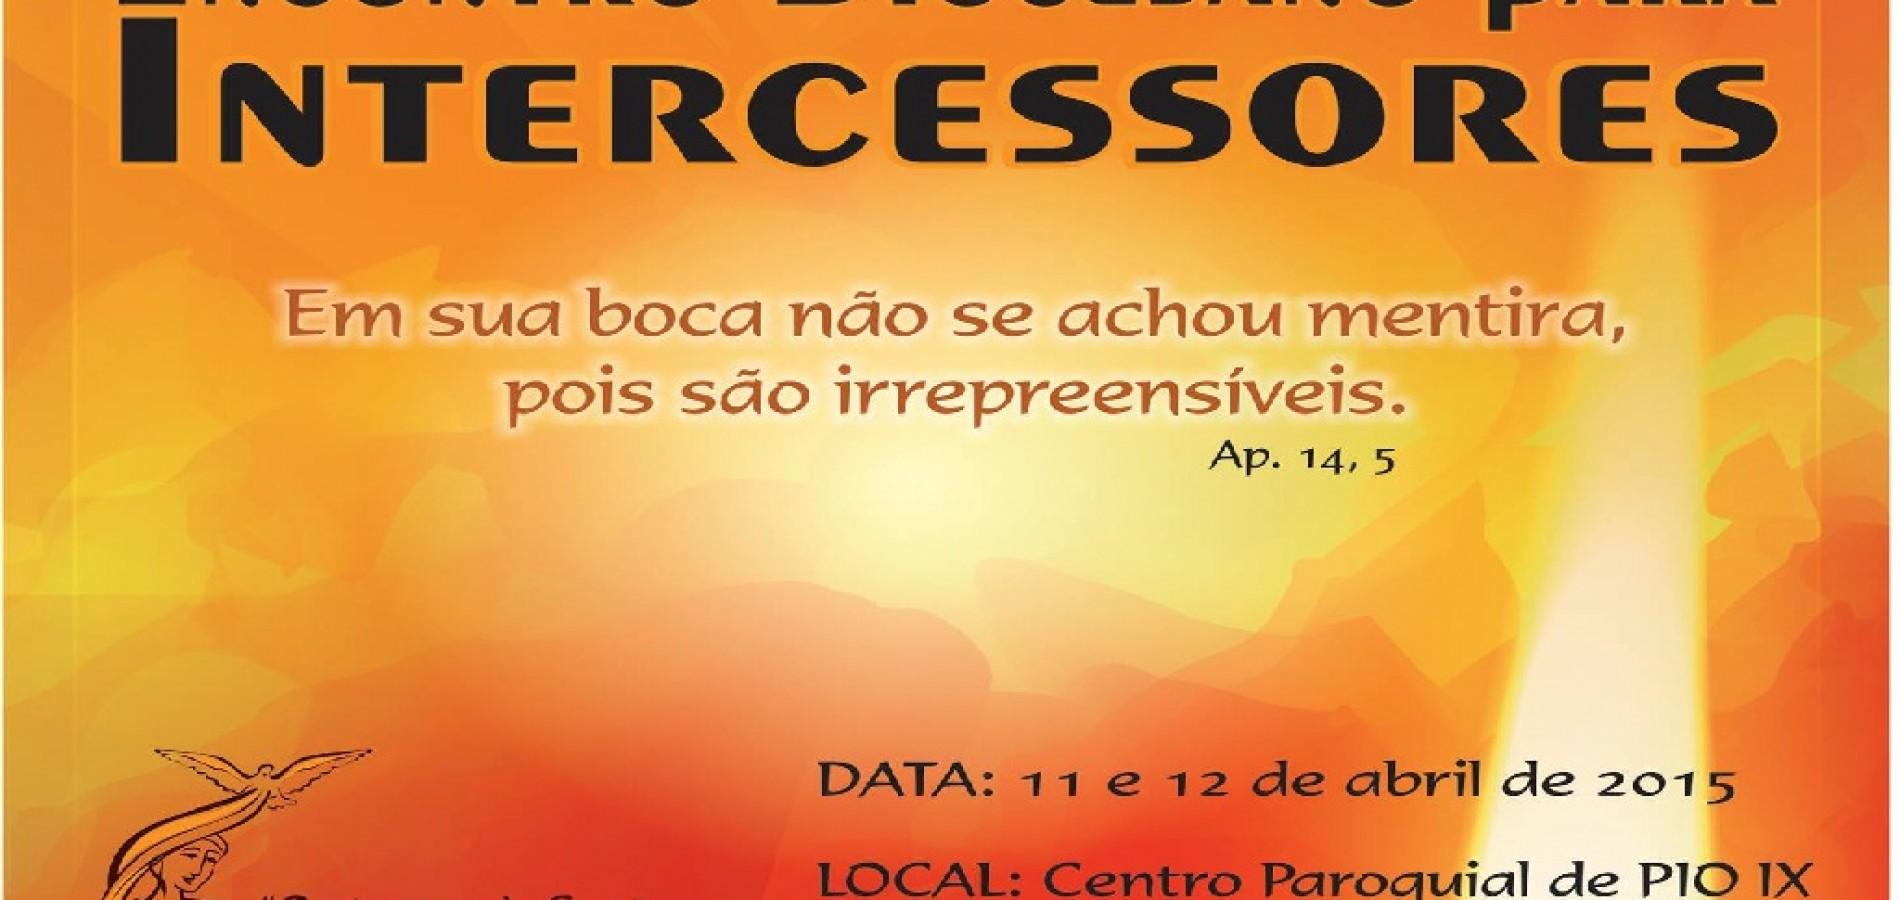 RCC Picos realizará neste fim de semana encontro diocesano para intercessores na cidade de Pio IX do Piauí